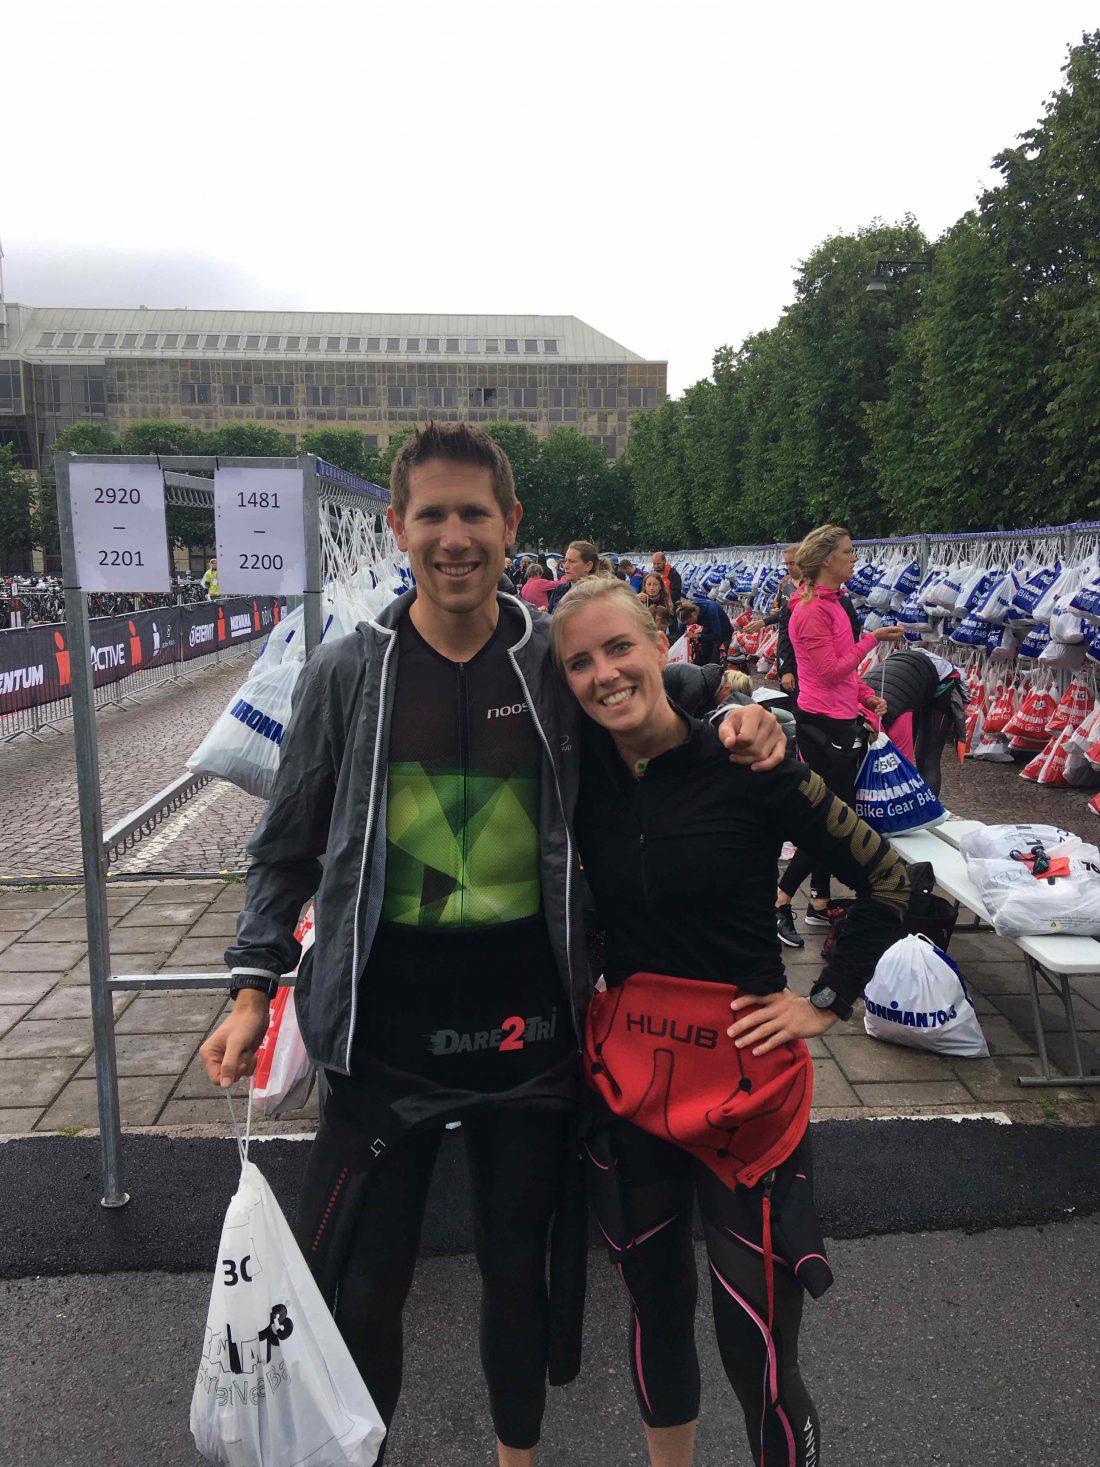 Halve Ironman - voor de start met Tijn - Wanderlotje